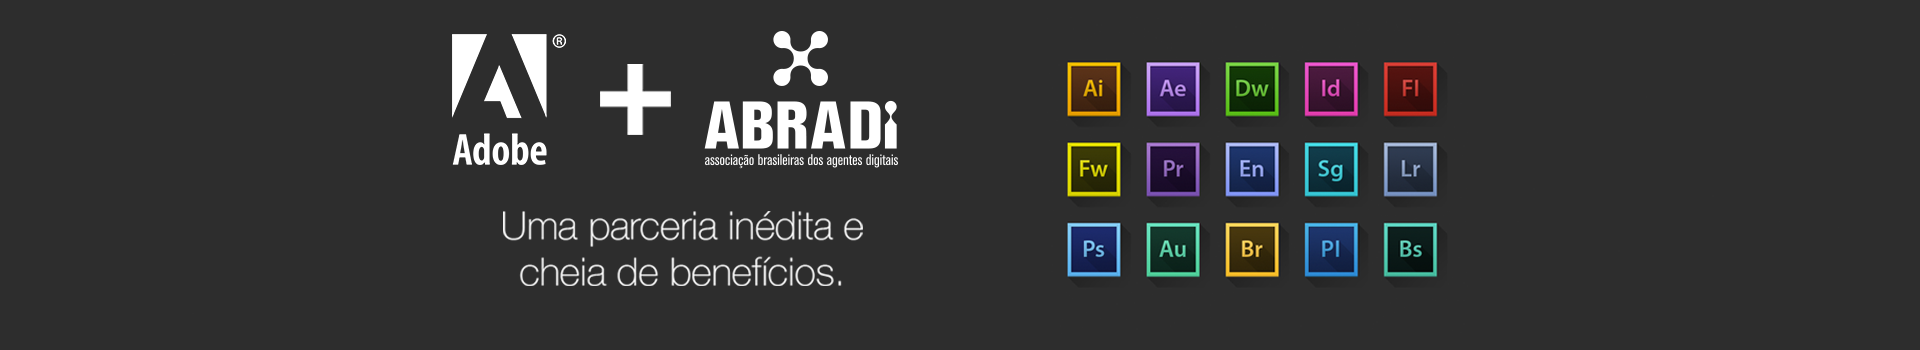 banner-adobi-abradi